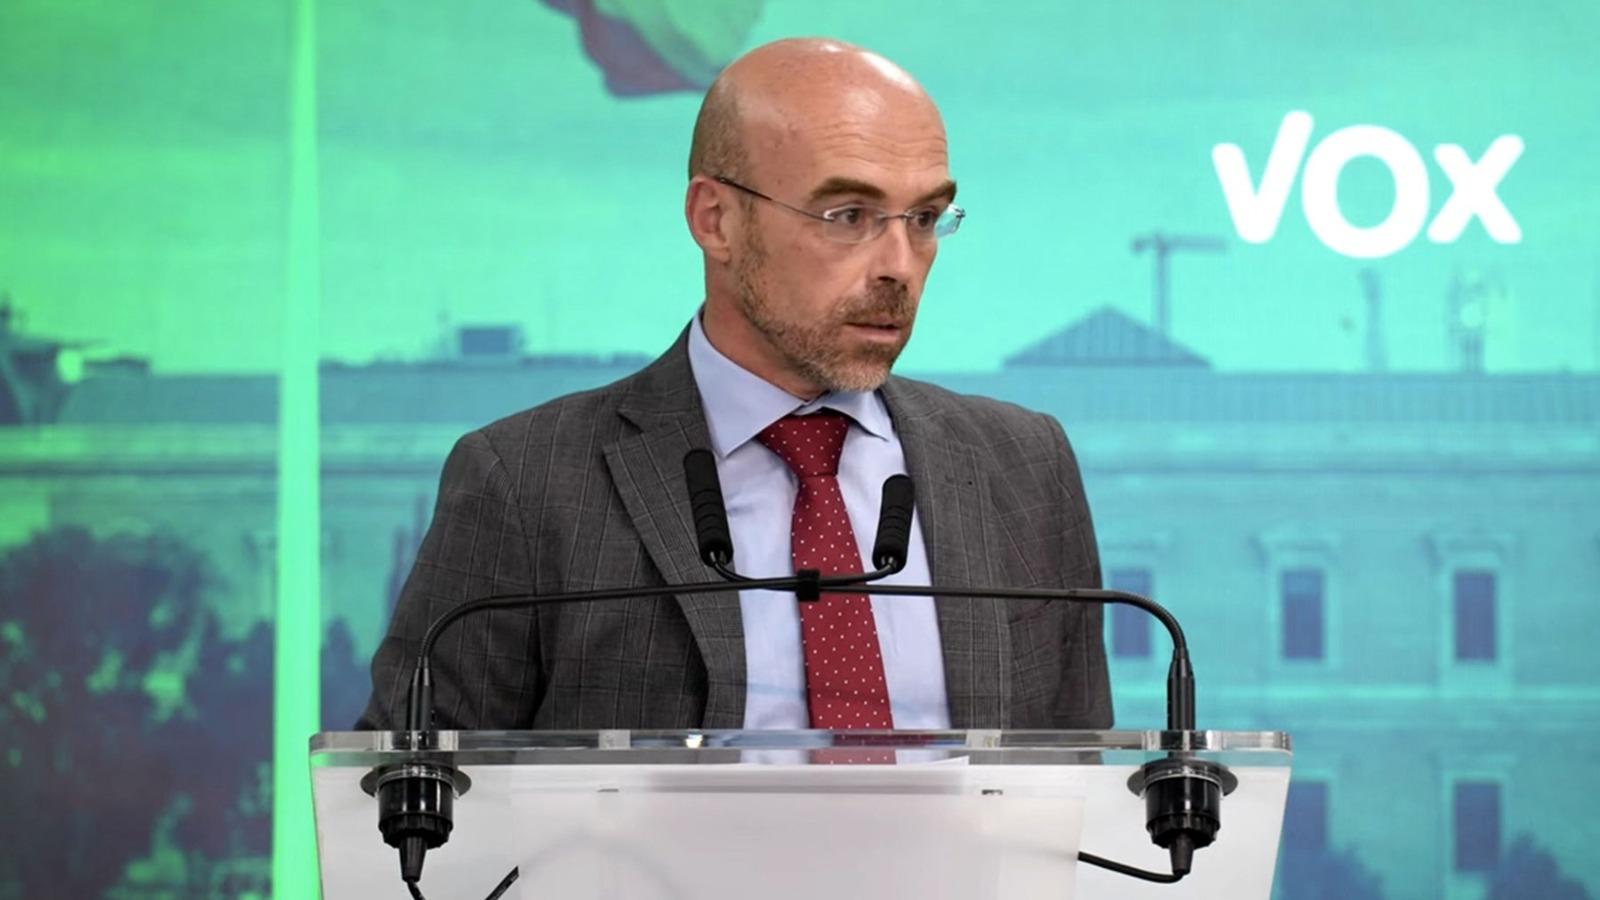 Jorge Buxadé, eurodiputado de Vox.